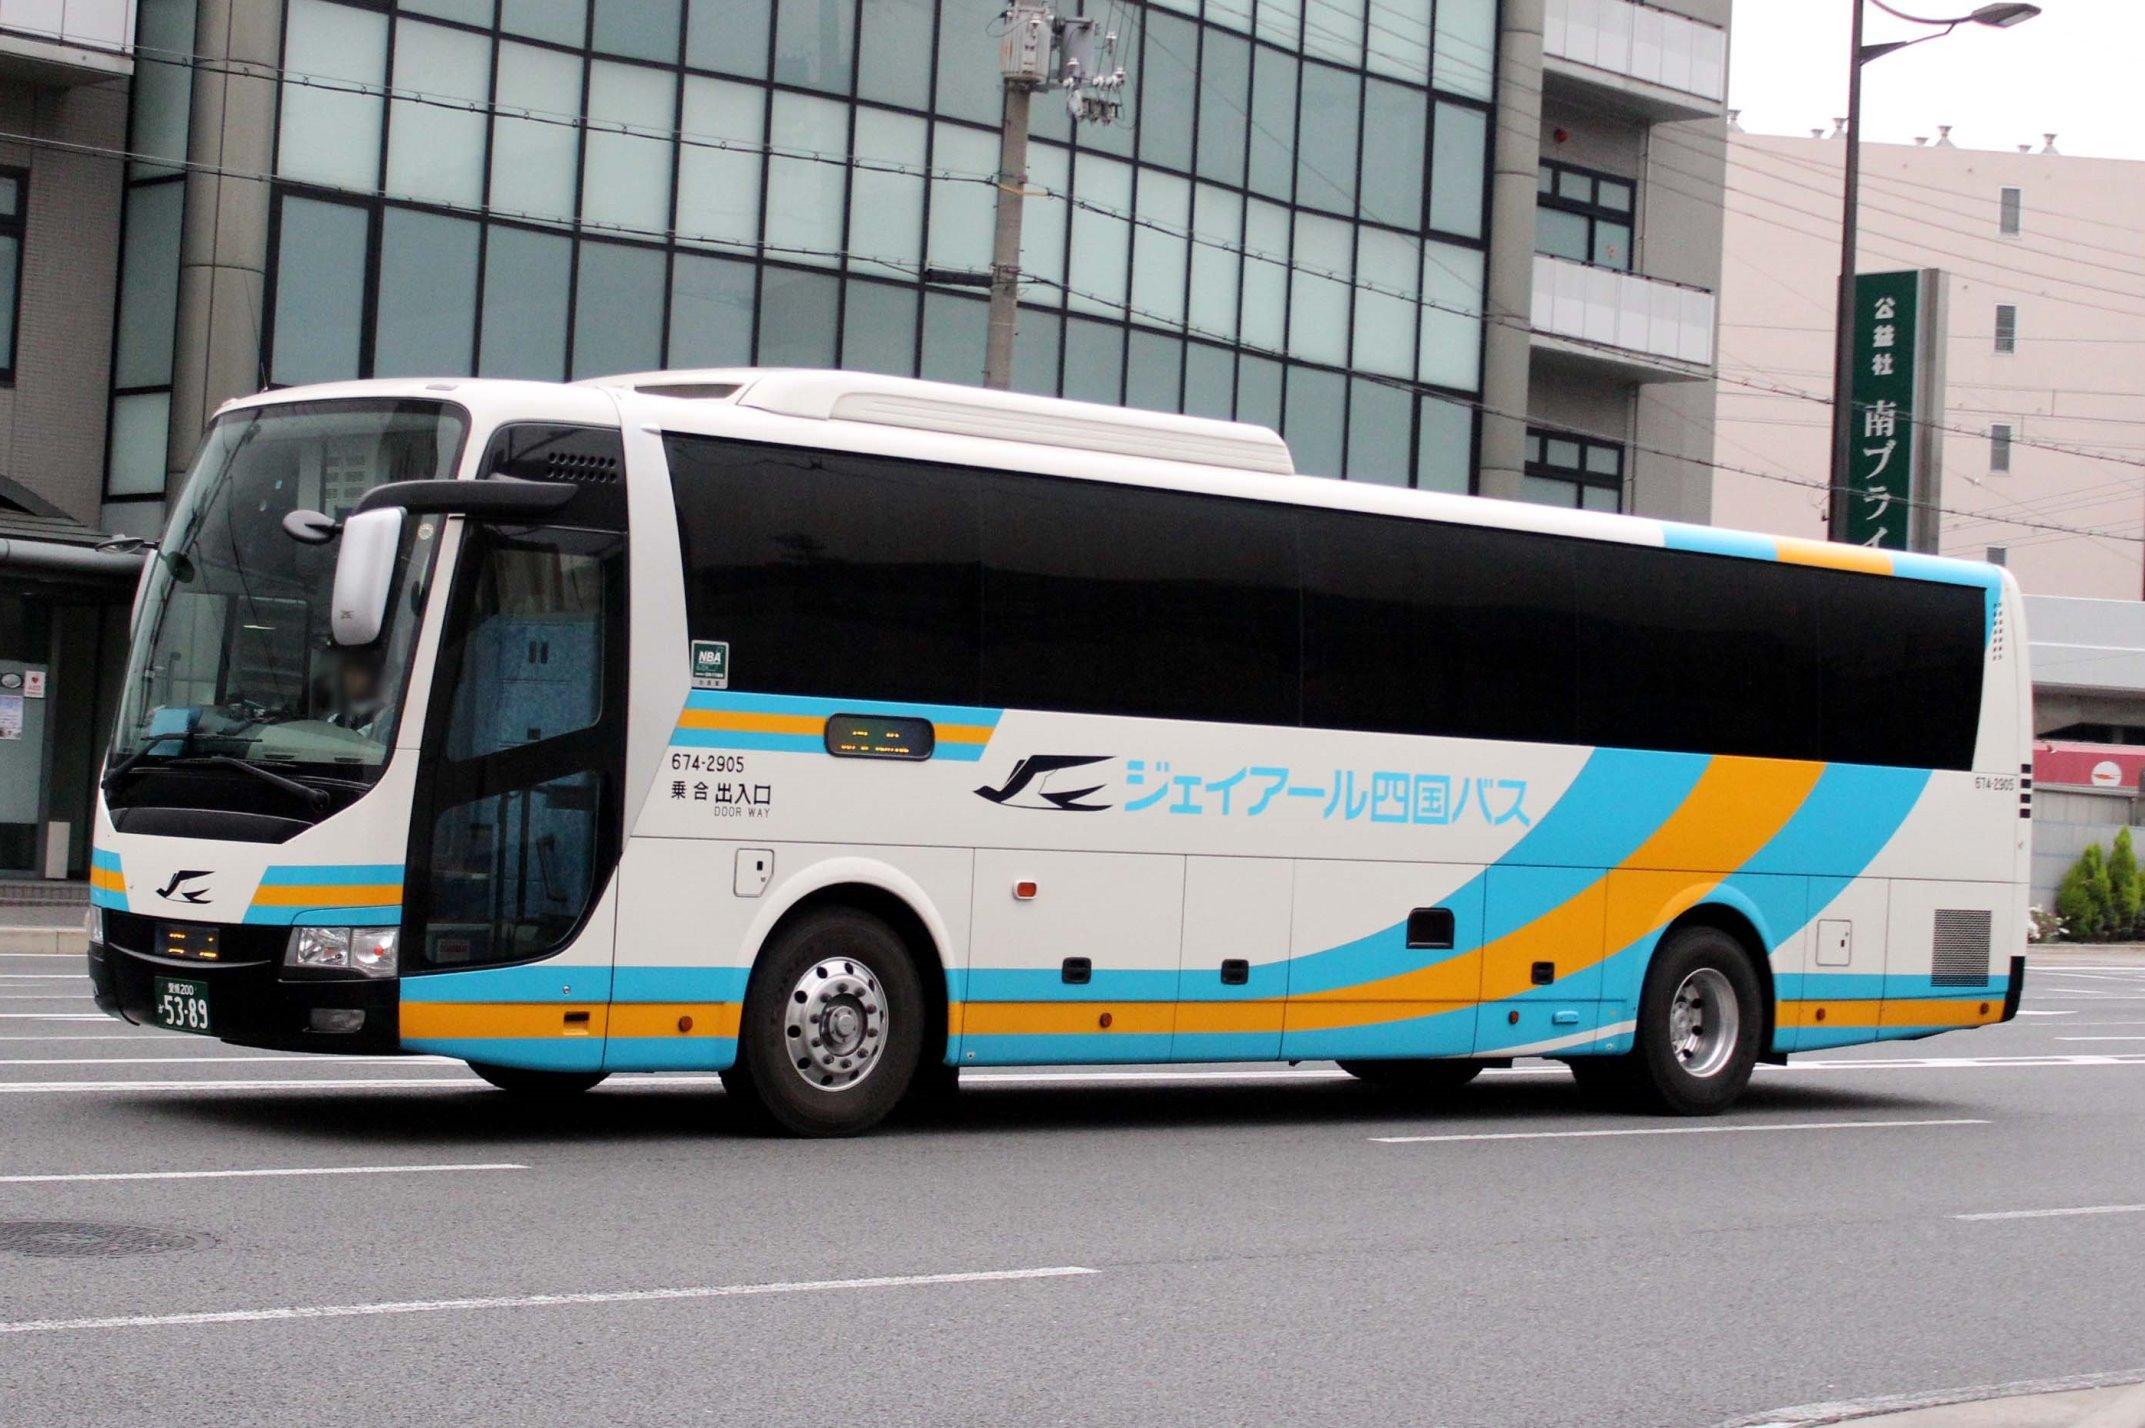 JR四国バス 674-2905